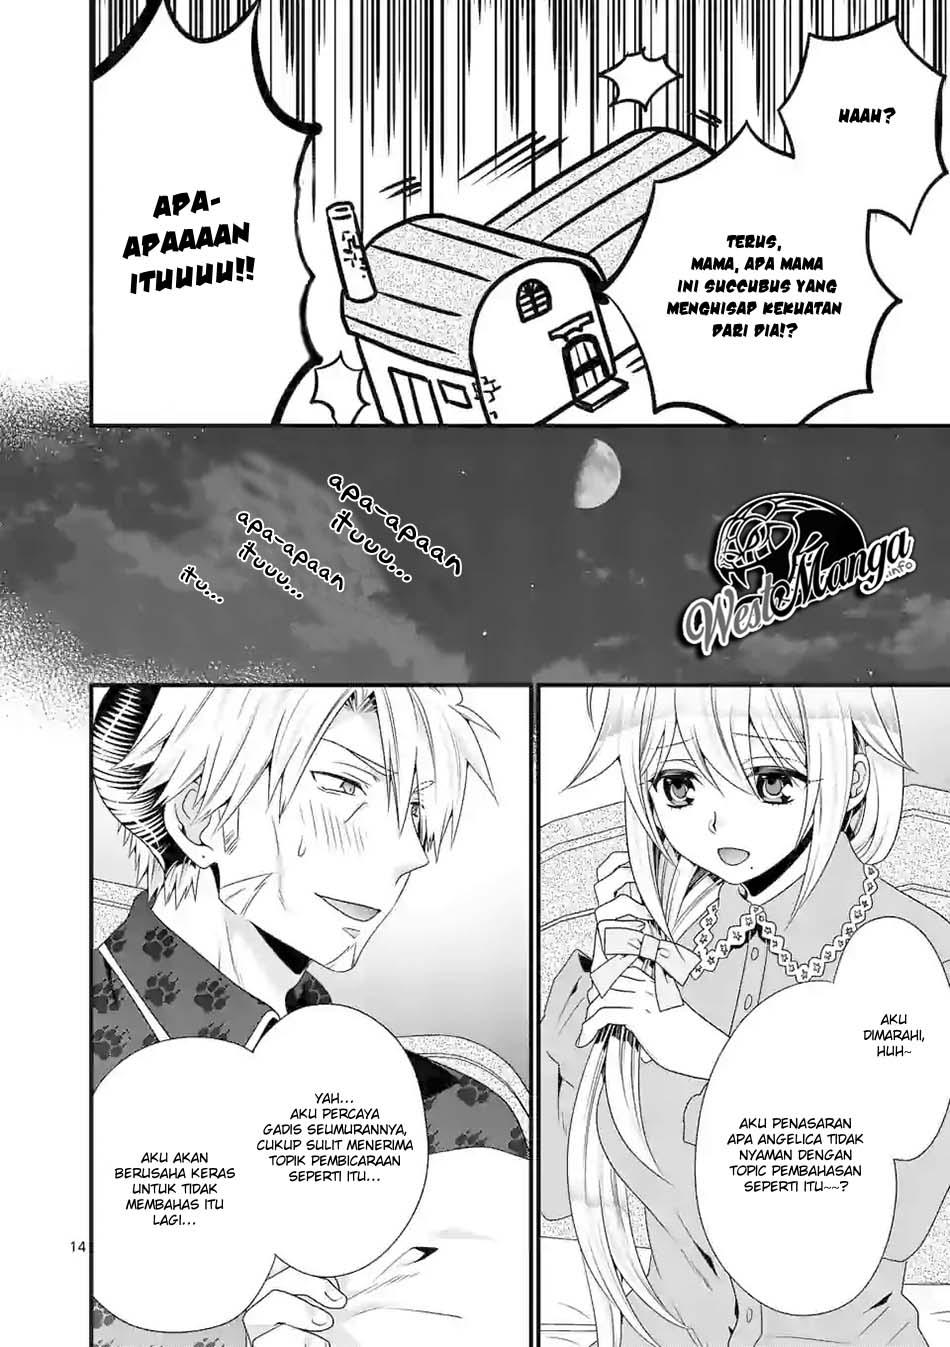 Maou desu Onna Yuusha no Hahaoya to Saikon Shita no de Onna Yuusha ga Giri no Musume ni Narimashita: Chapter 30 - Page 15